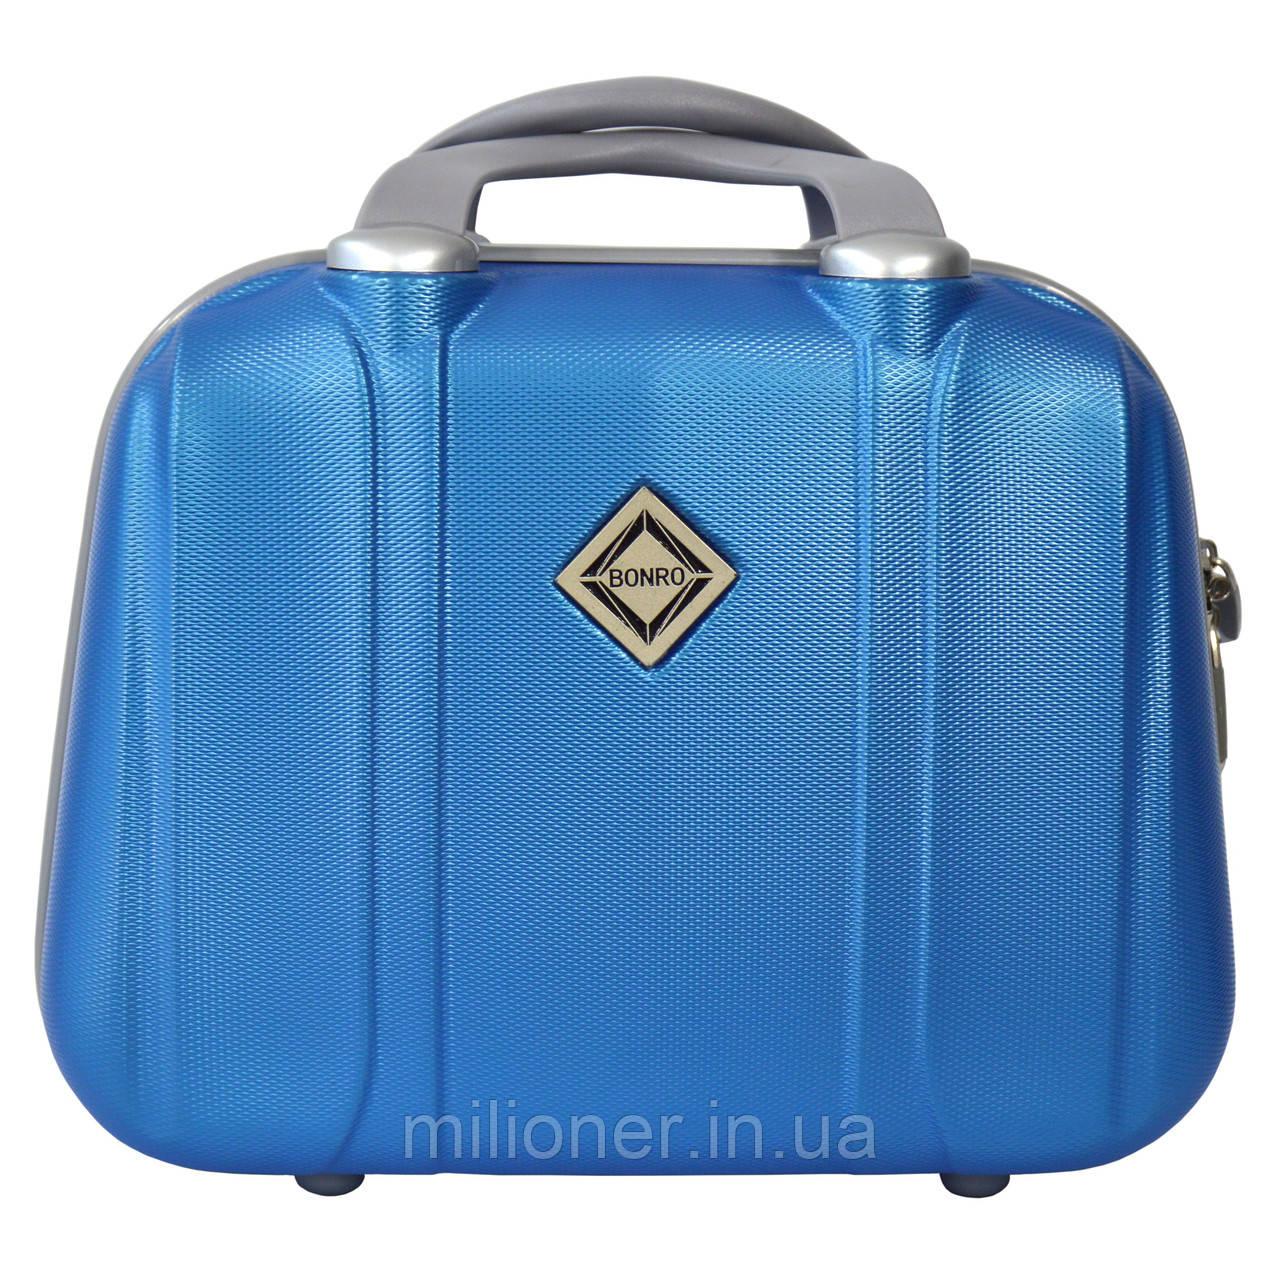 Сумка кейс саквояж Bonro Smile (небольшой) светло синий (blue 656)